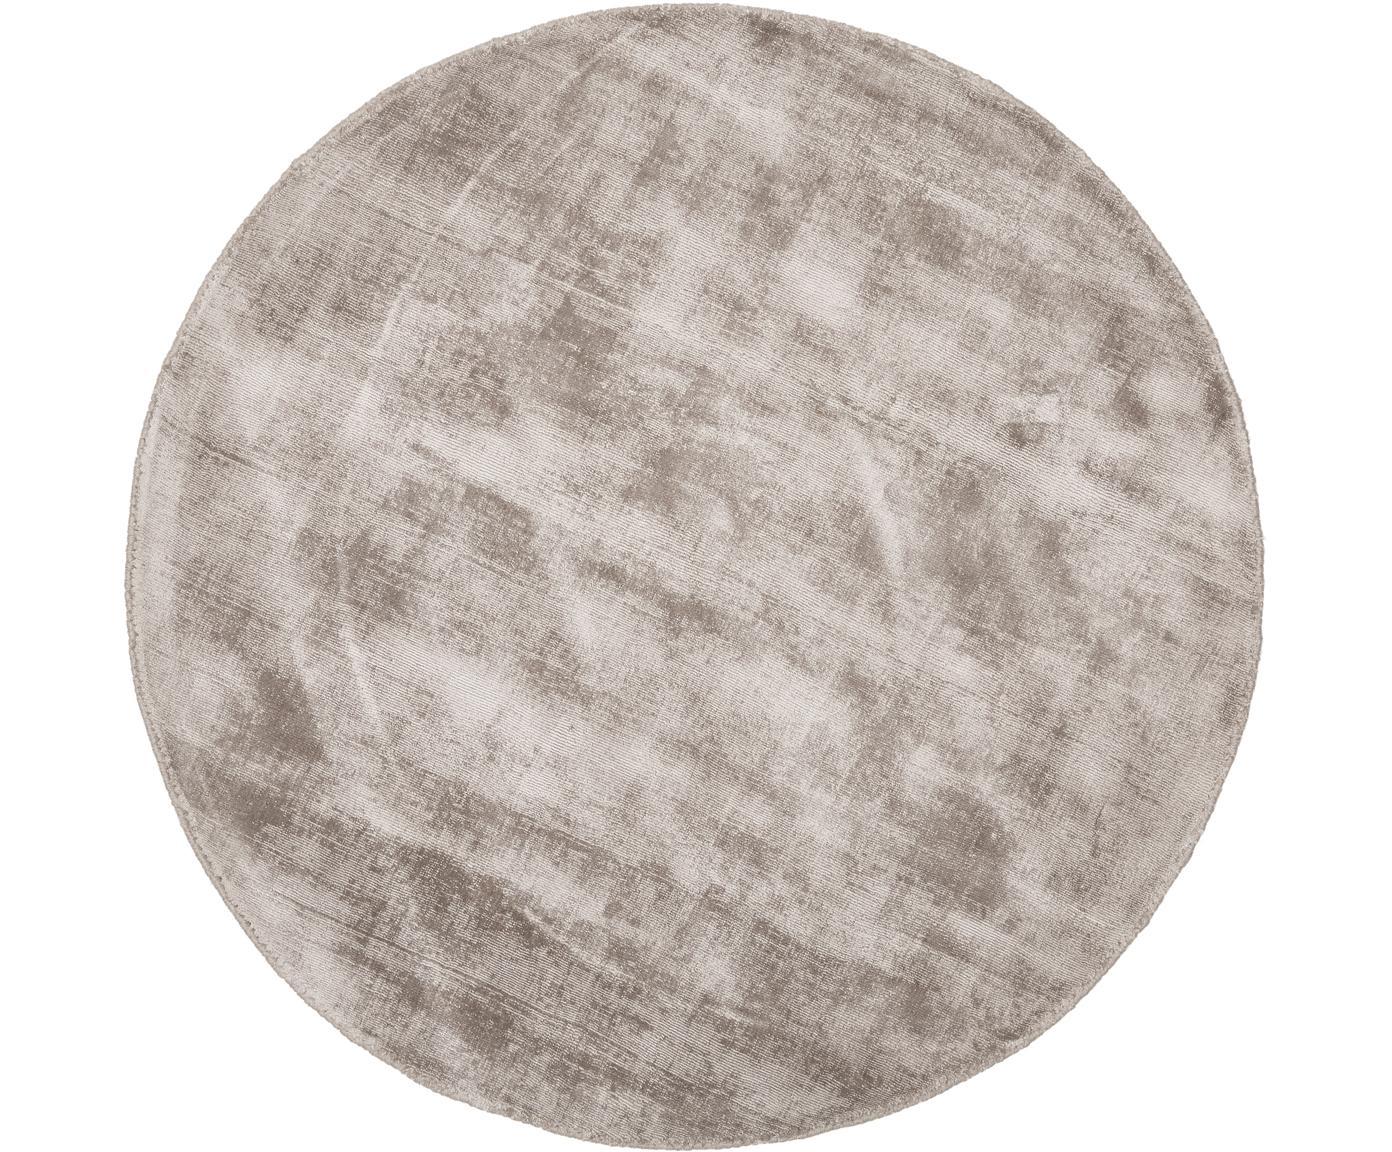 Handgeweven viscose vloerkleed Jane, Bovenzijde: 100% viscose, Onderzijde: 100% katoen, Taupe, Ø 200 cm (maat L)